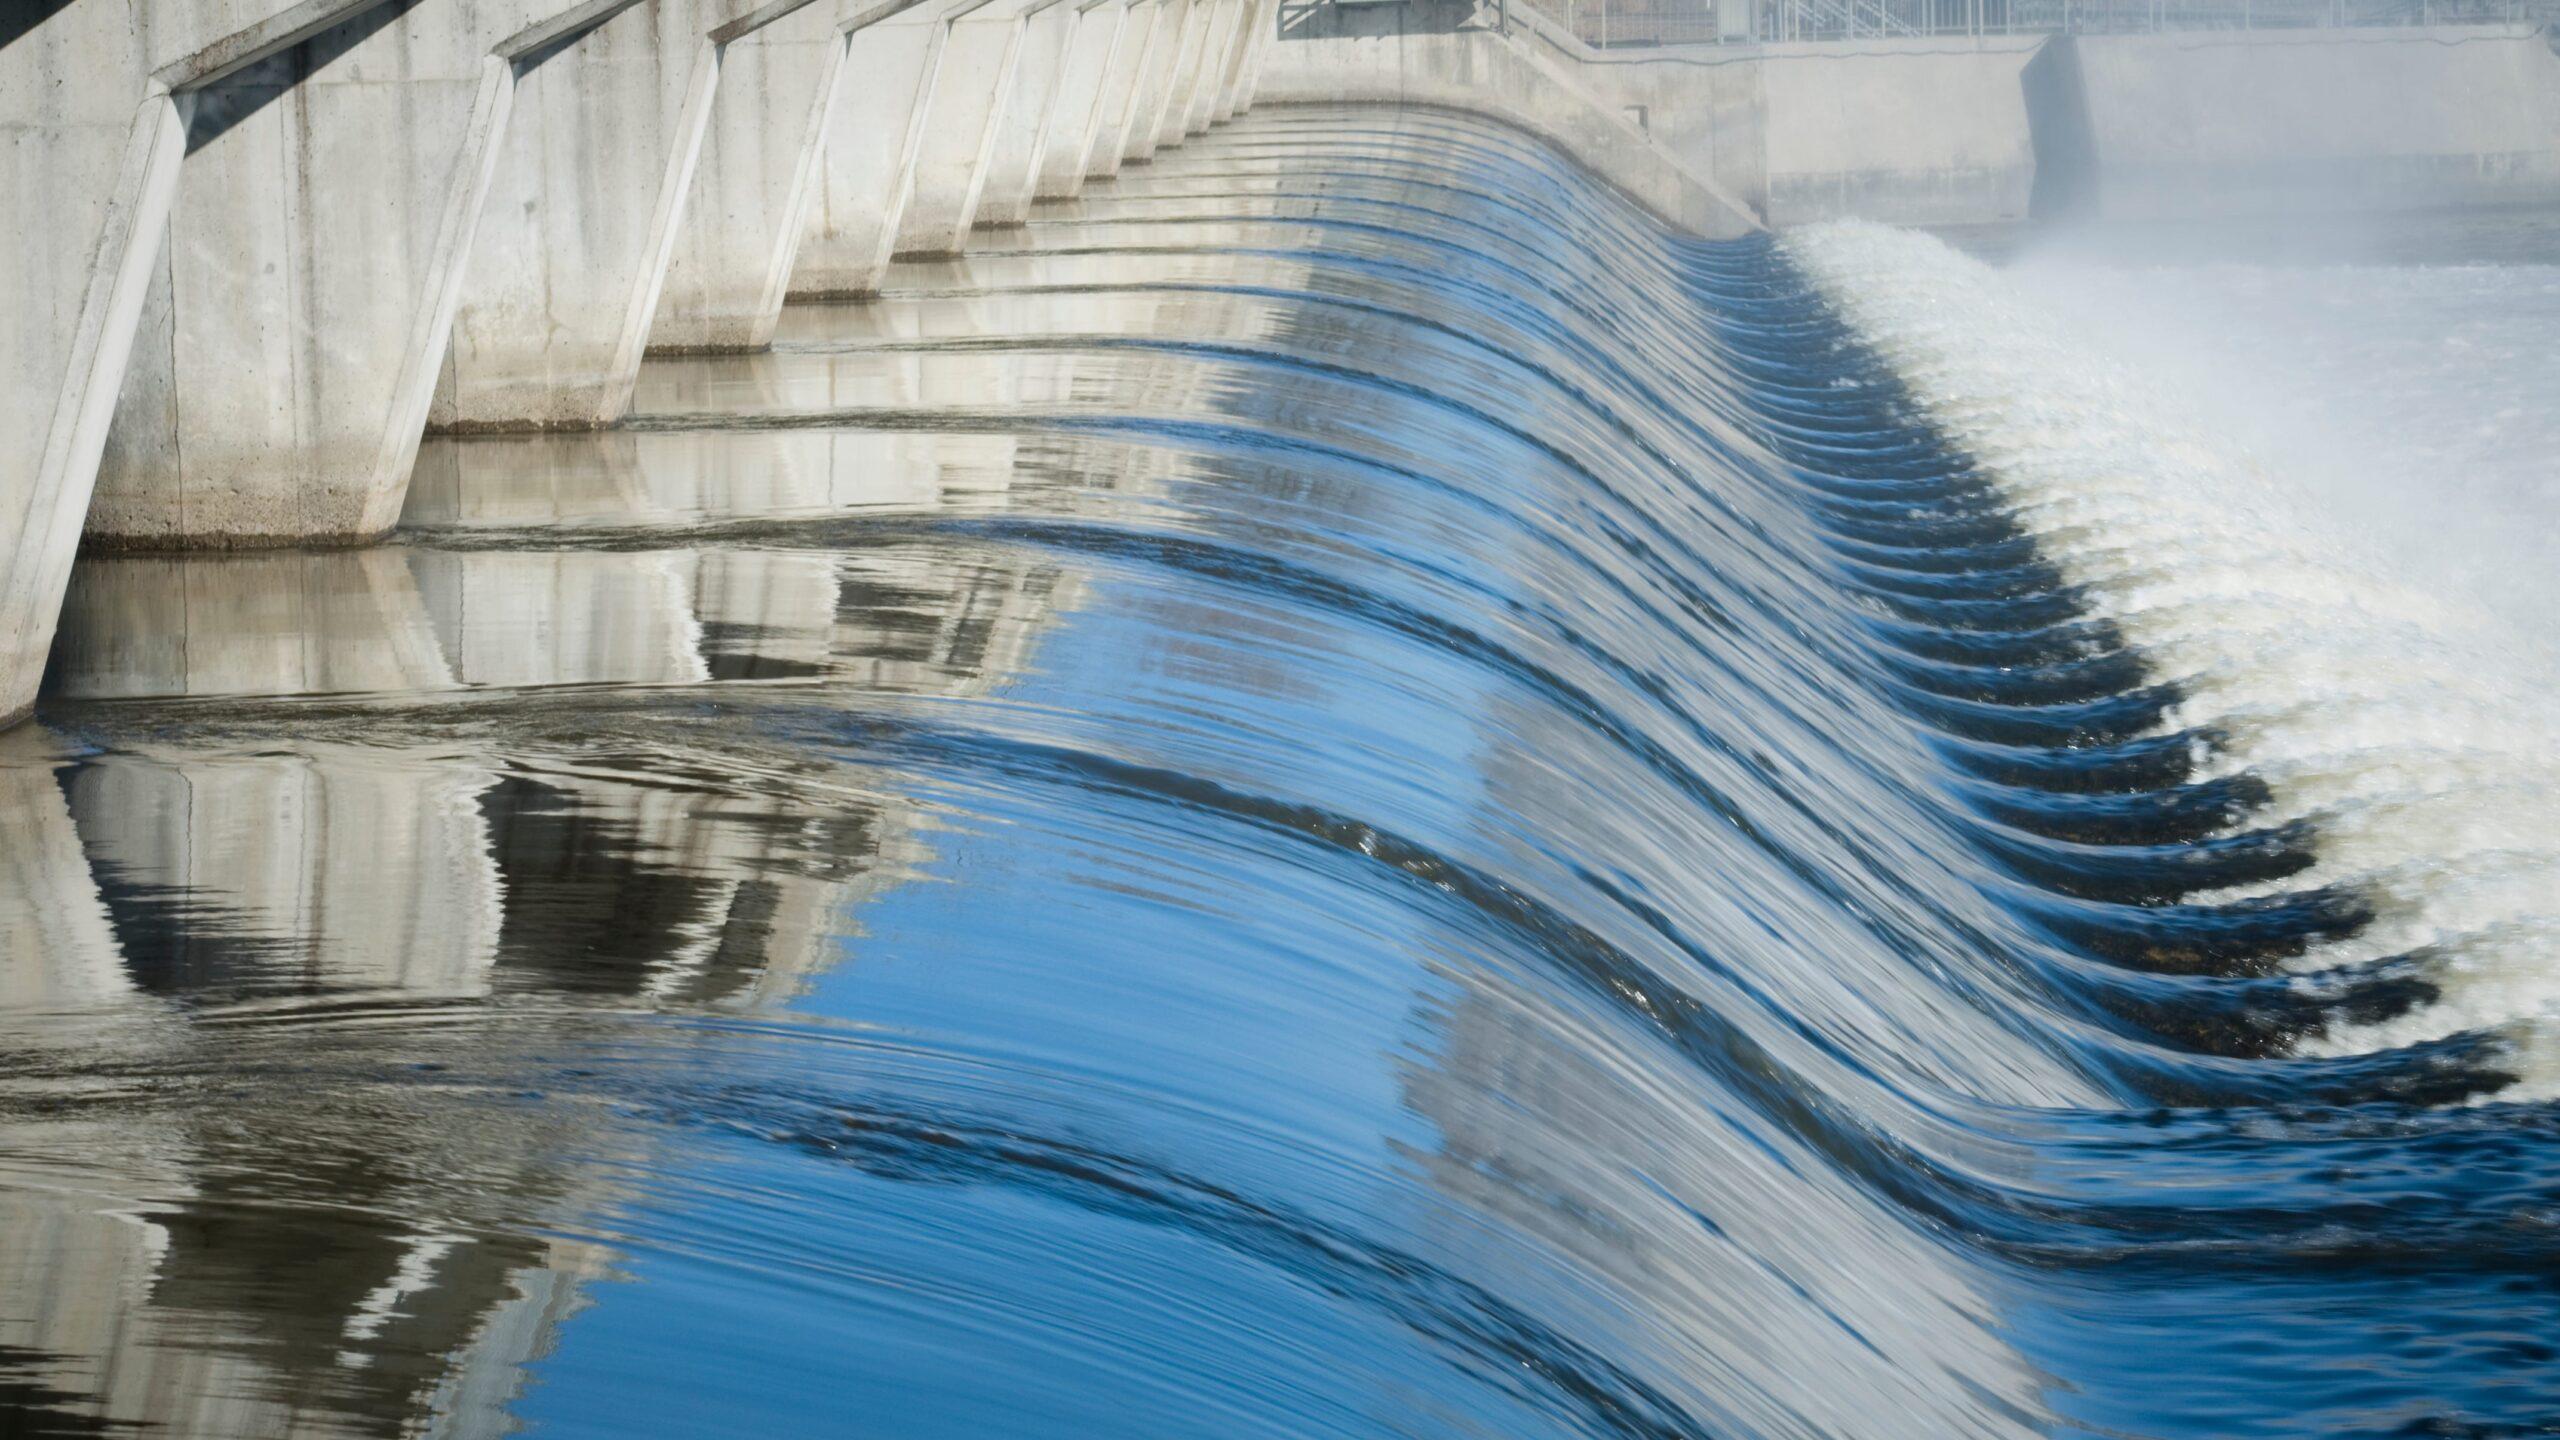 Cascade d'eau énergie hydraulique